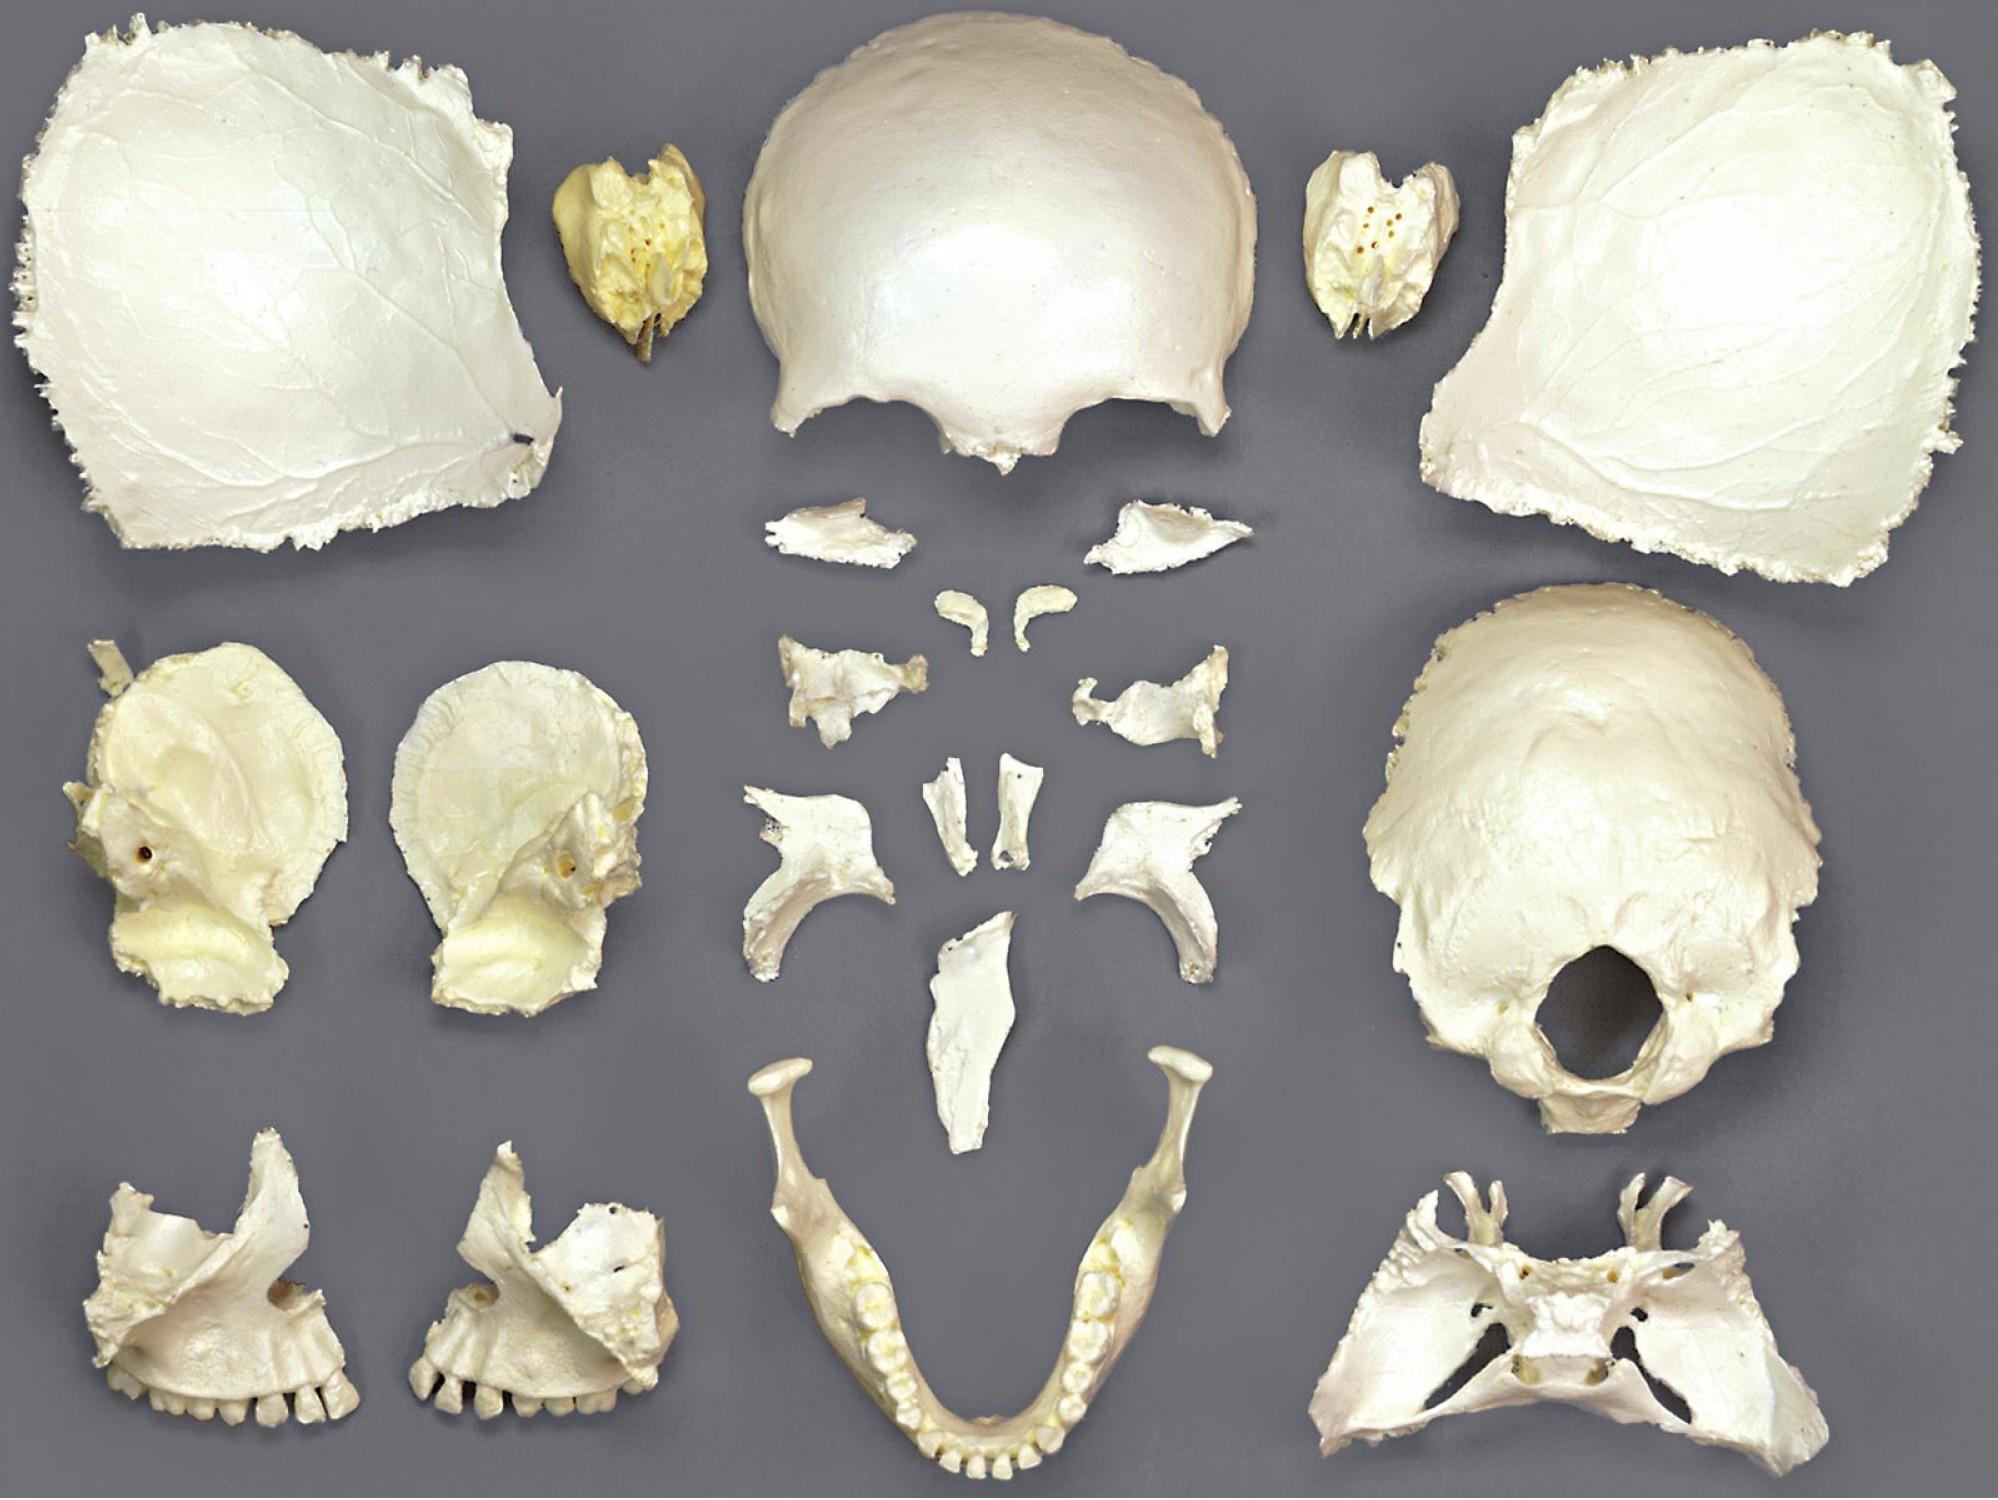 osm32p_disarticulated-female-skull.jpg